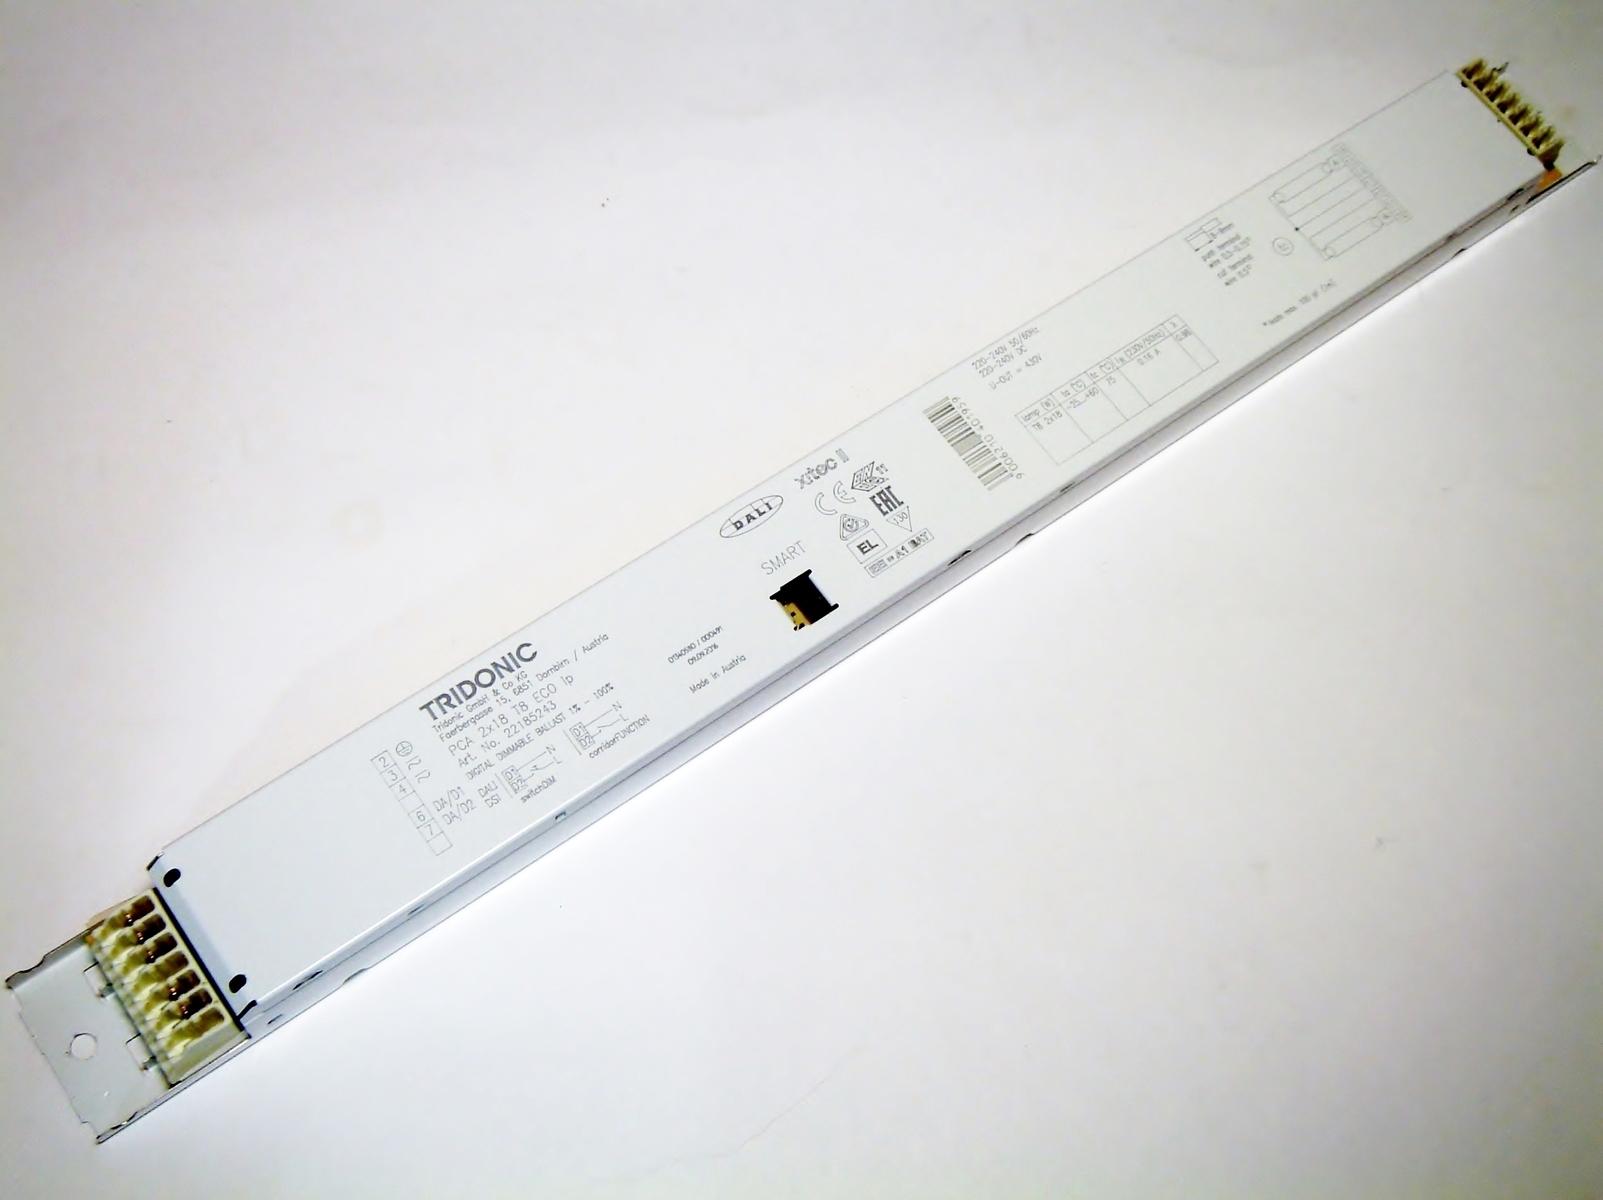 Elektrooniline drossel 2x18 W, Tridonic, PCA 2x18 T8 ECO Ip, 22185243